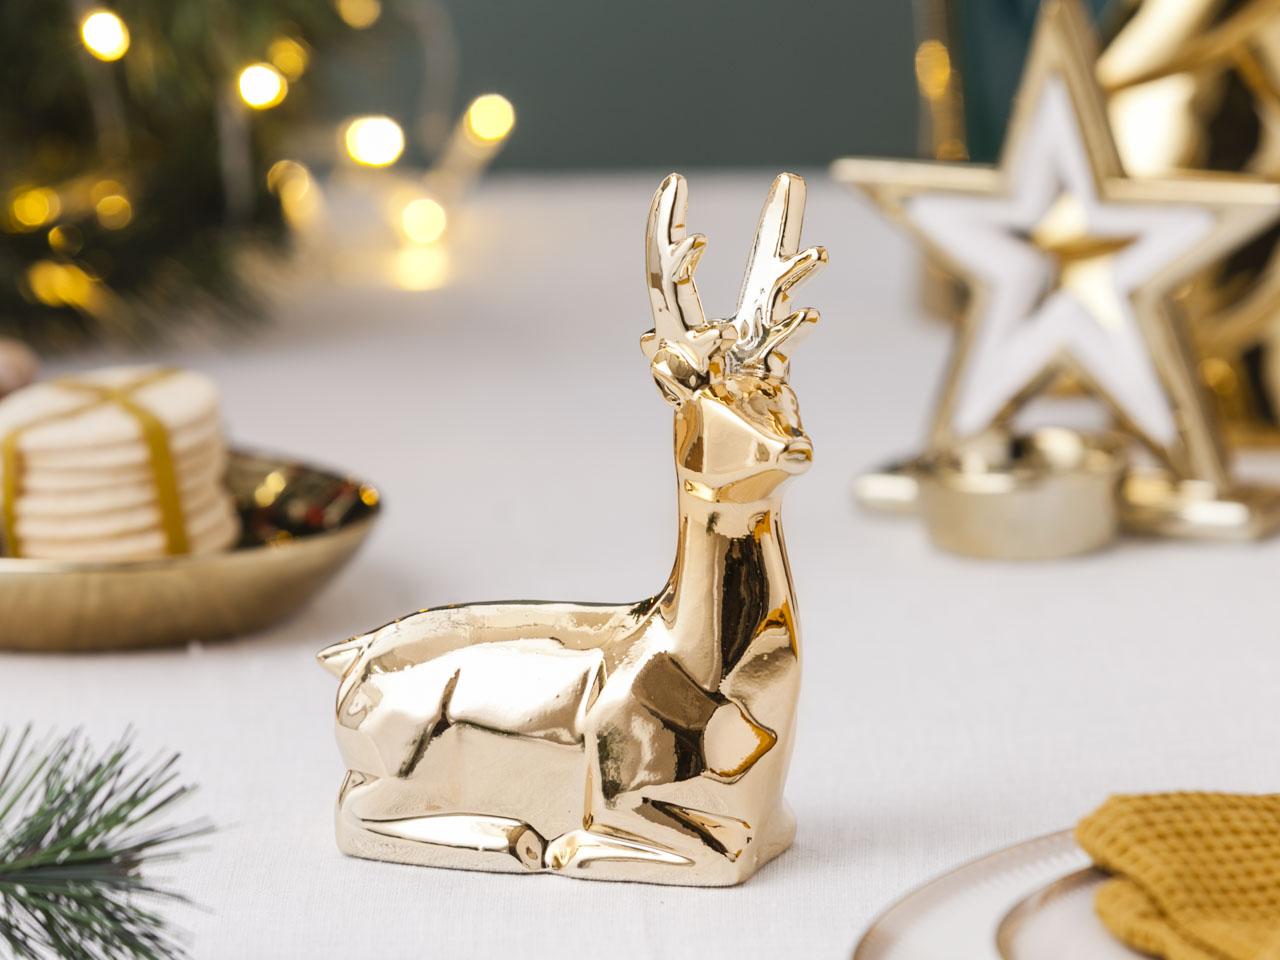 Ozdoba / figurka / dekoracja świąteczna Boże Narodzenie Altom Design Modern renifer siedzący złoty 11,5x5,5x15 cm